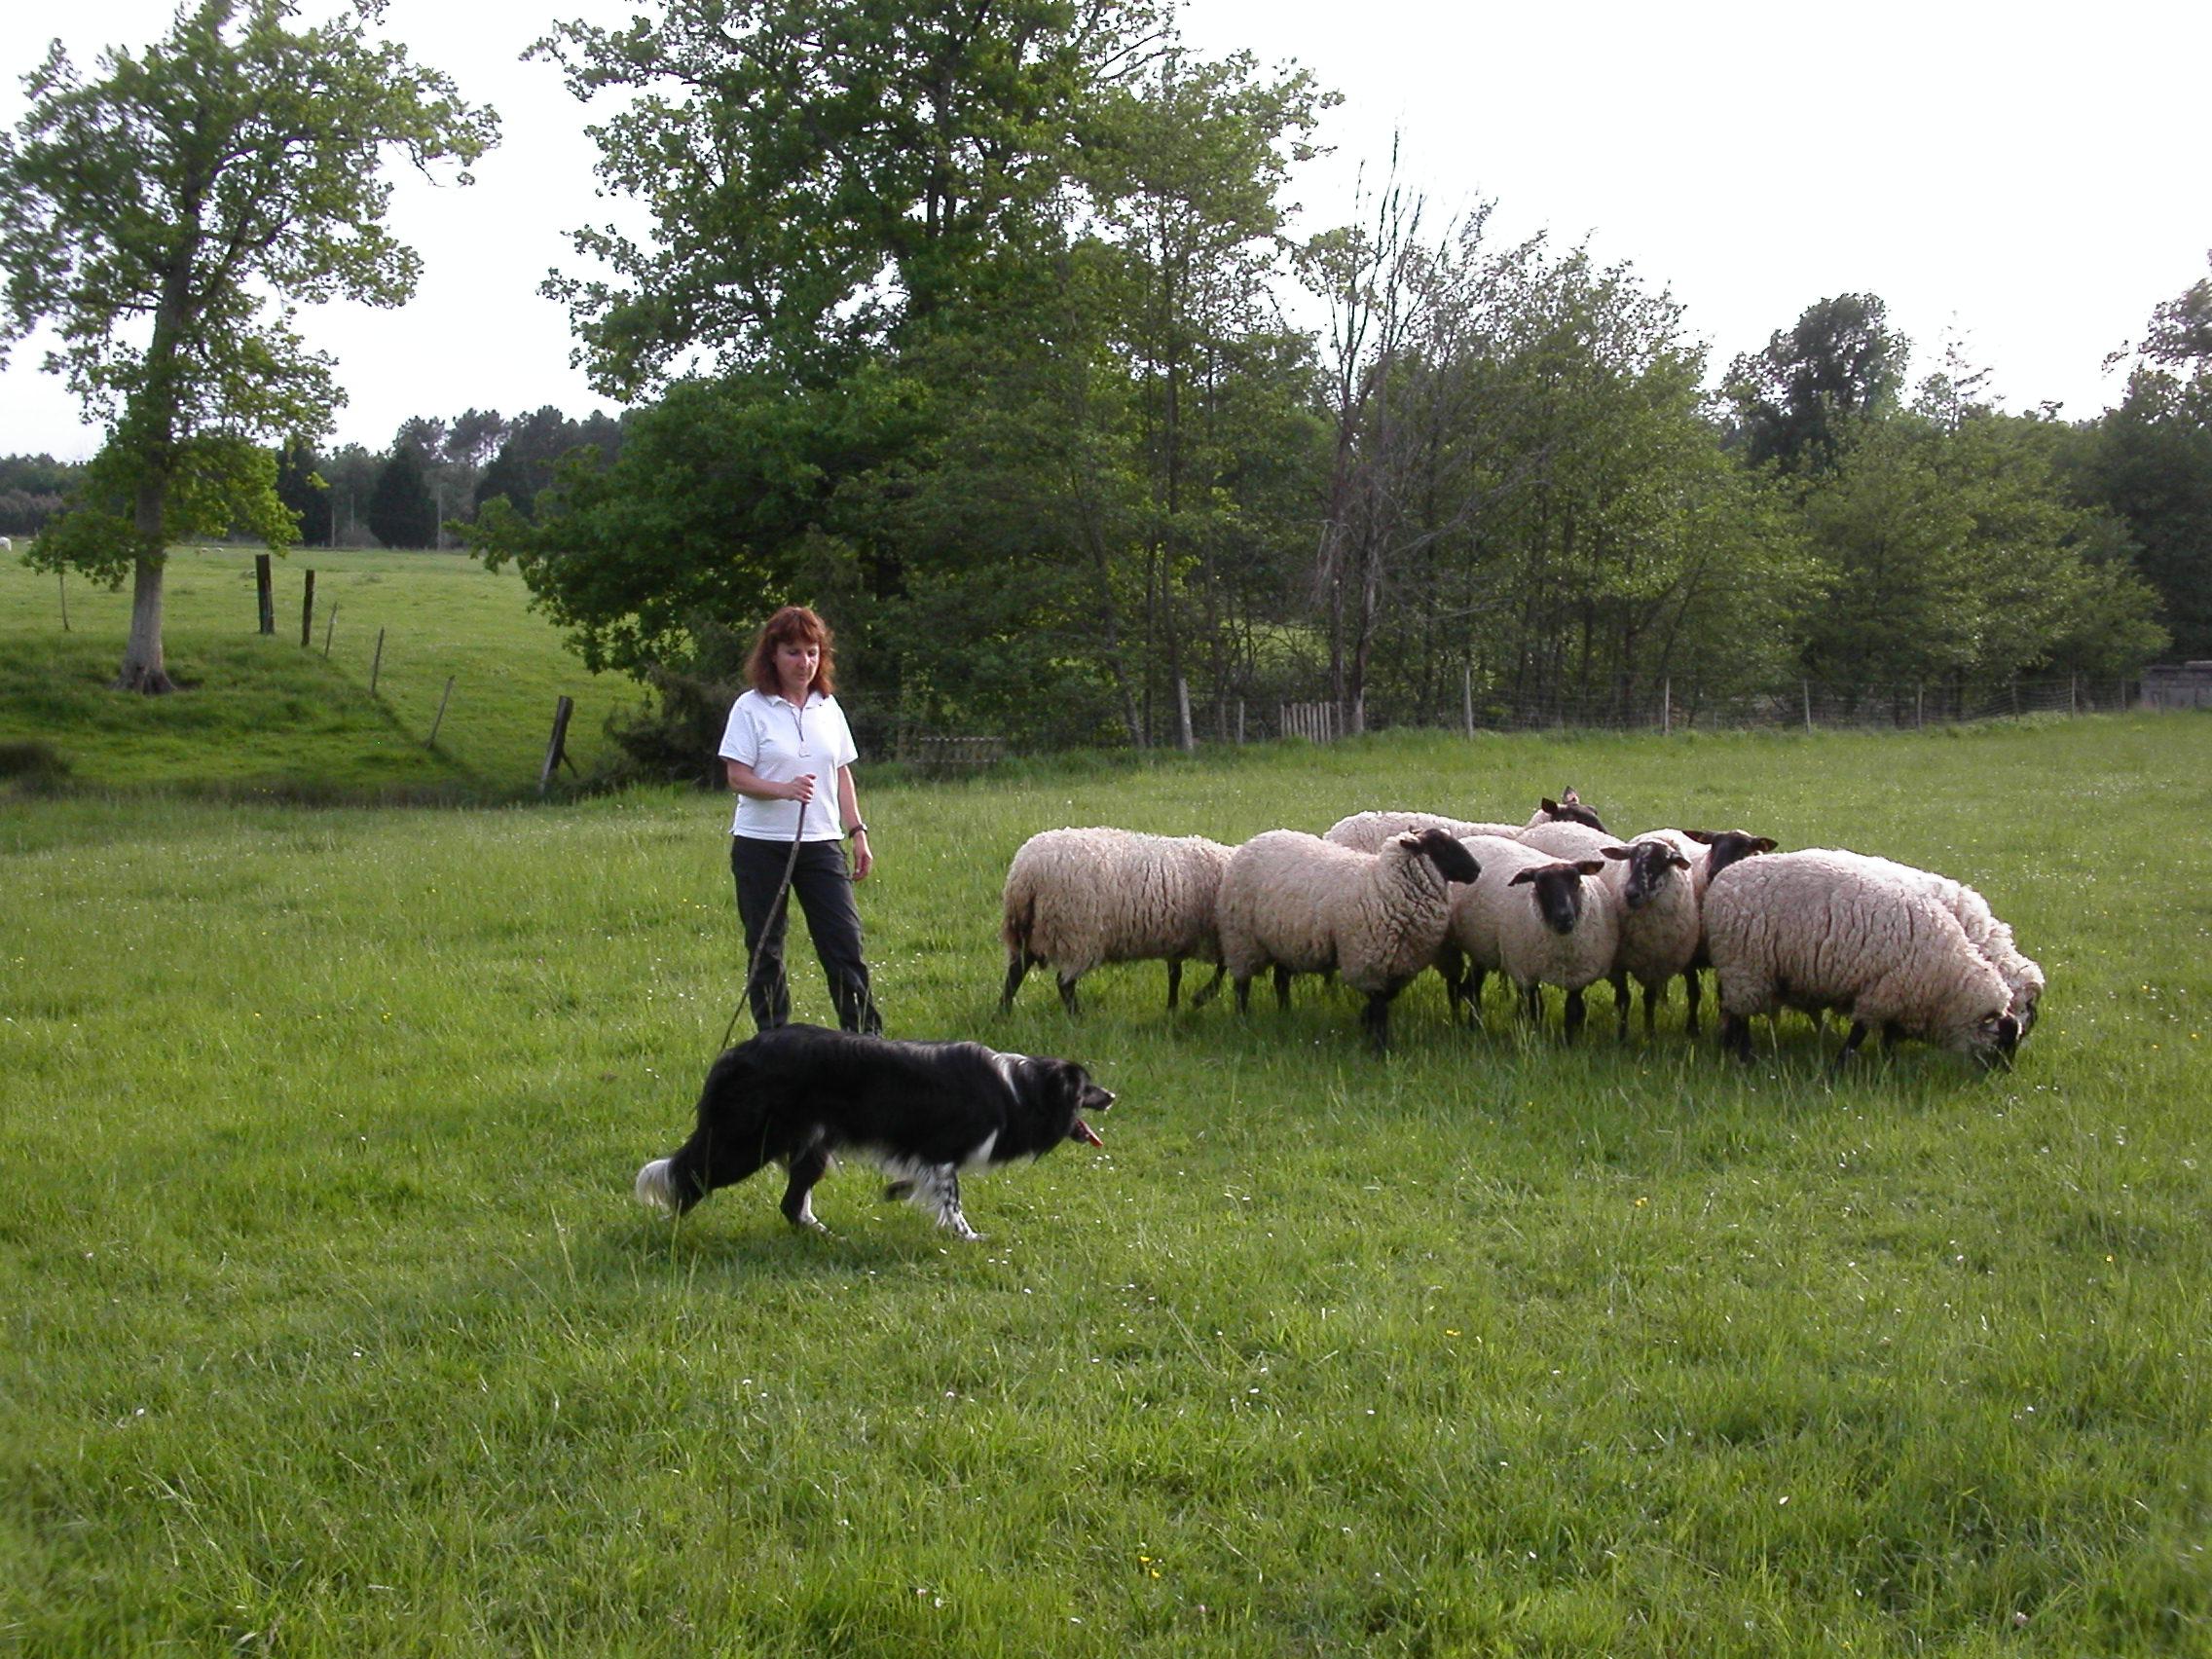 L'équipe - Mon métier canin - Formation éducateur canin en